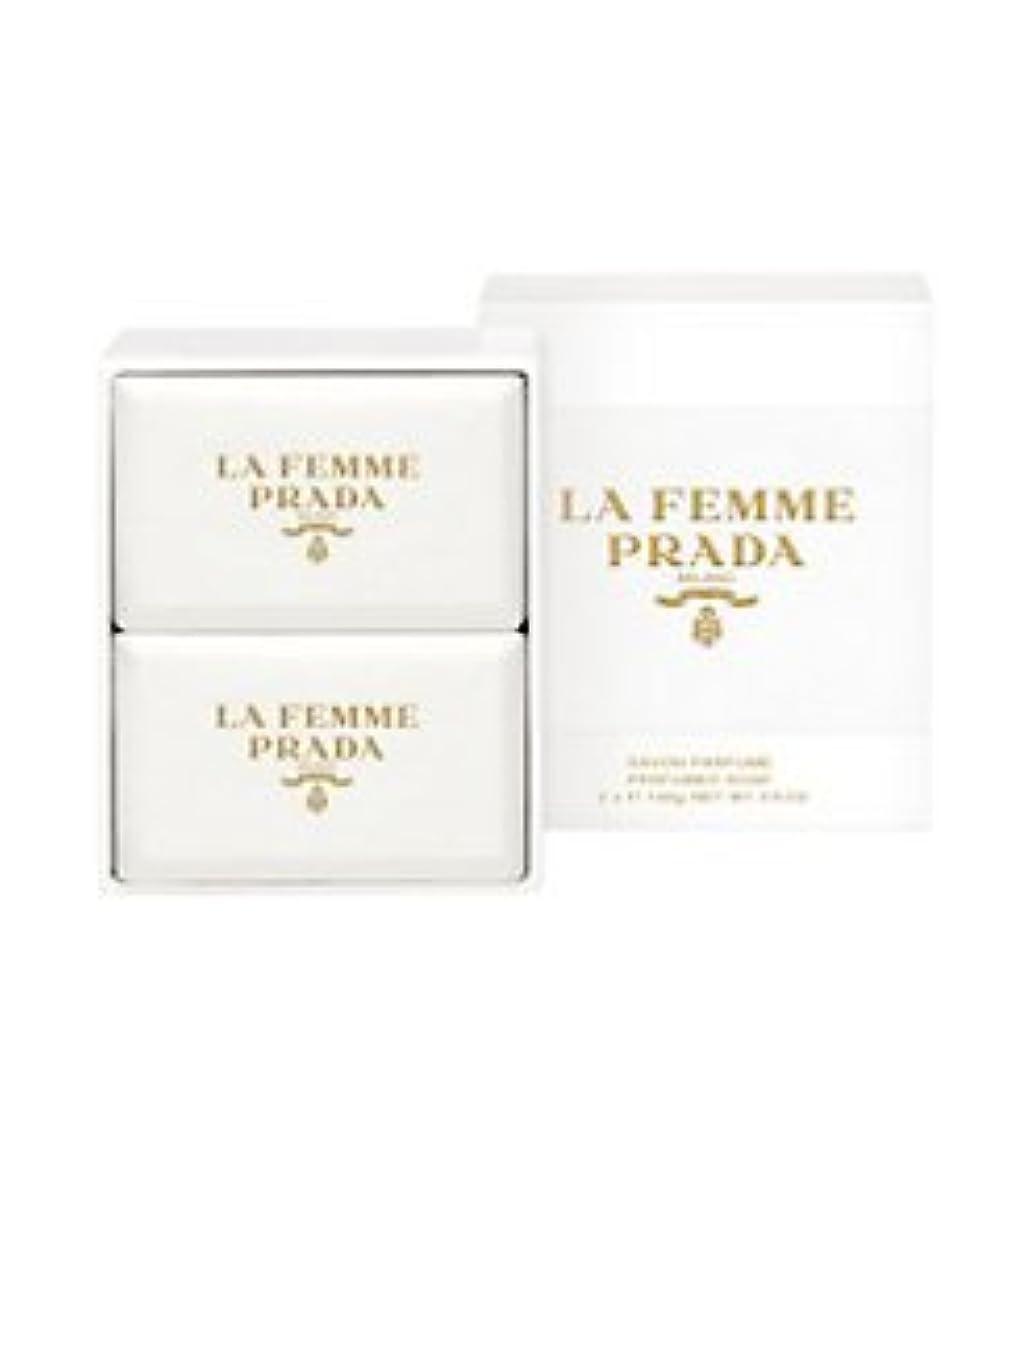 倒錯添付時間とともにLa Femme Prada (ラ フェム プラダ) 1.75 oz (52ml) Soap (石鹸) x 2個 for Women